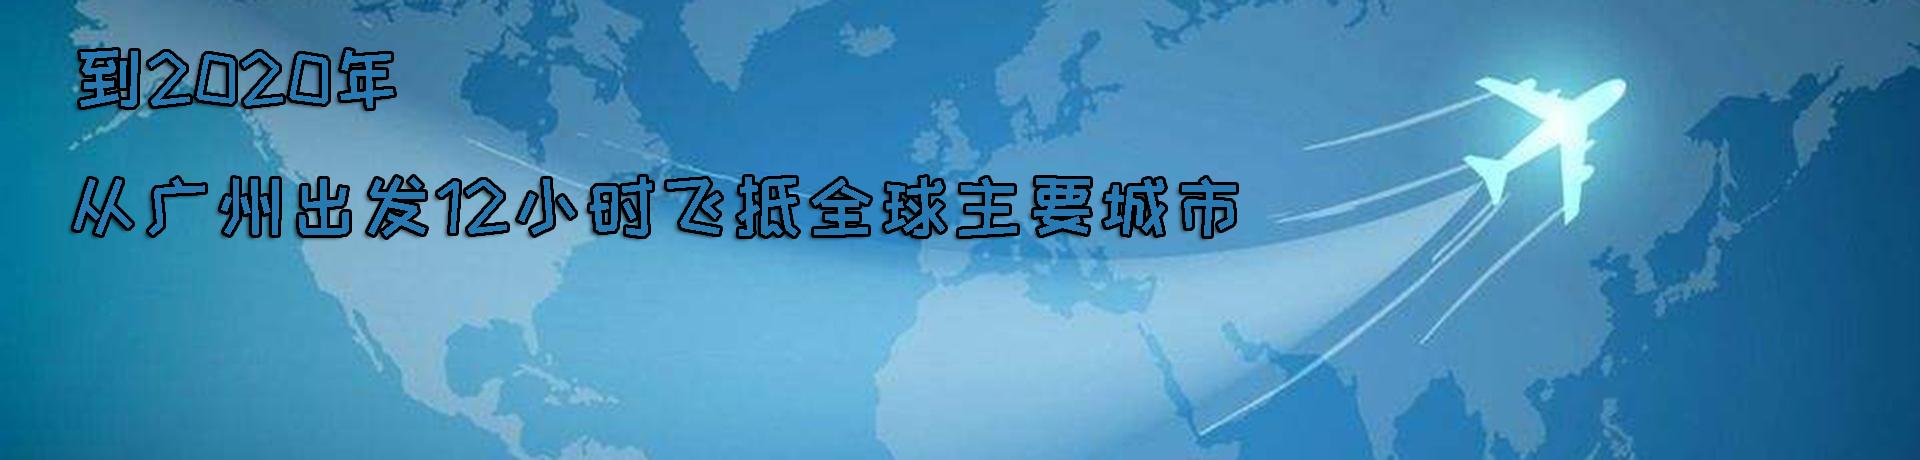 到2020年 从广州出发12小时飞抵全球主要城市